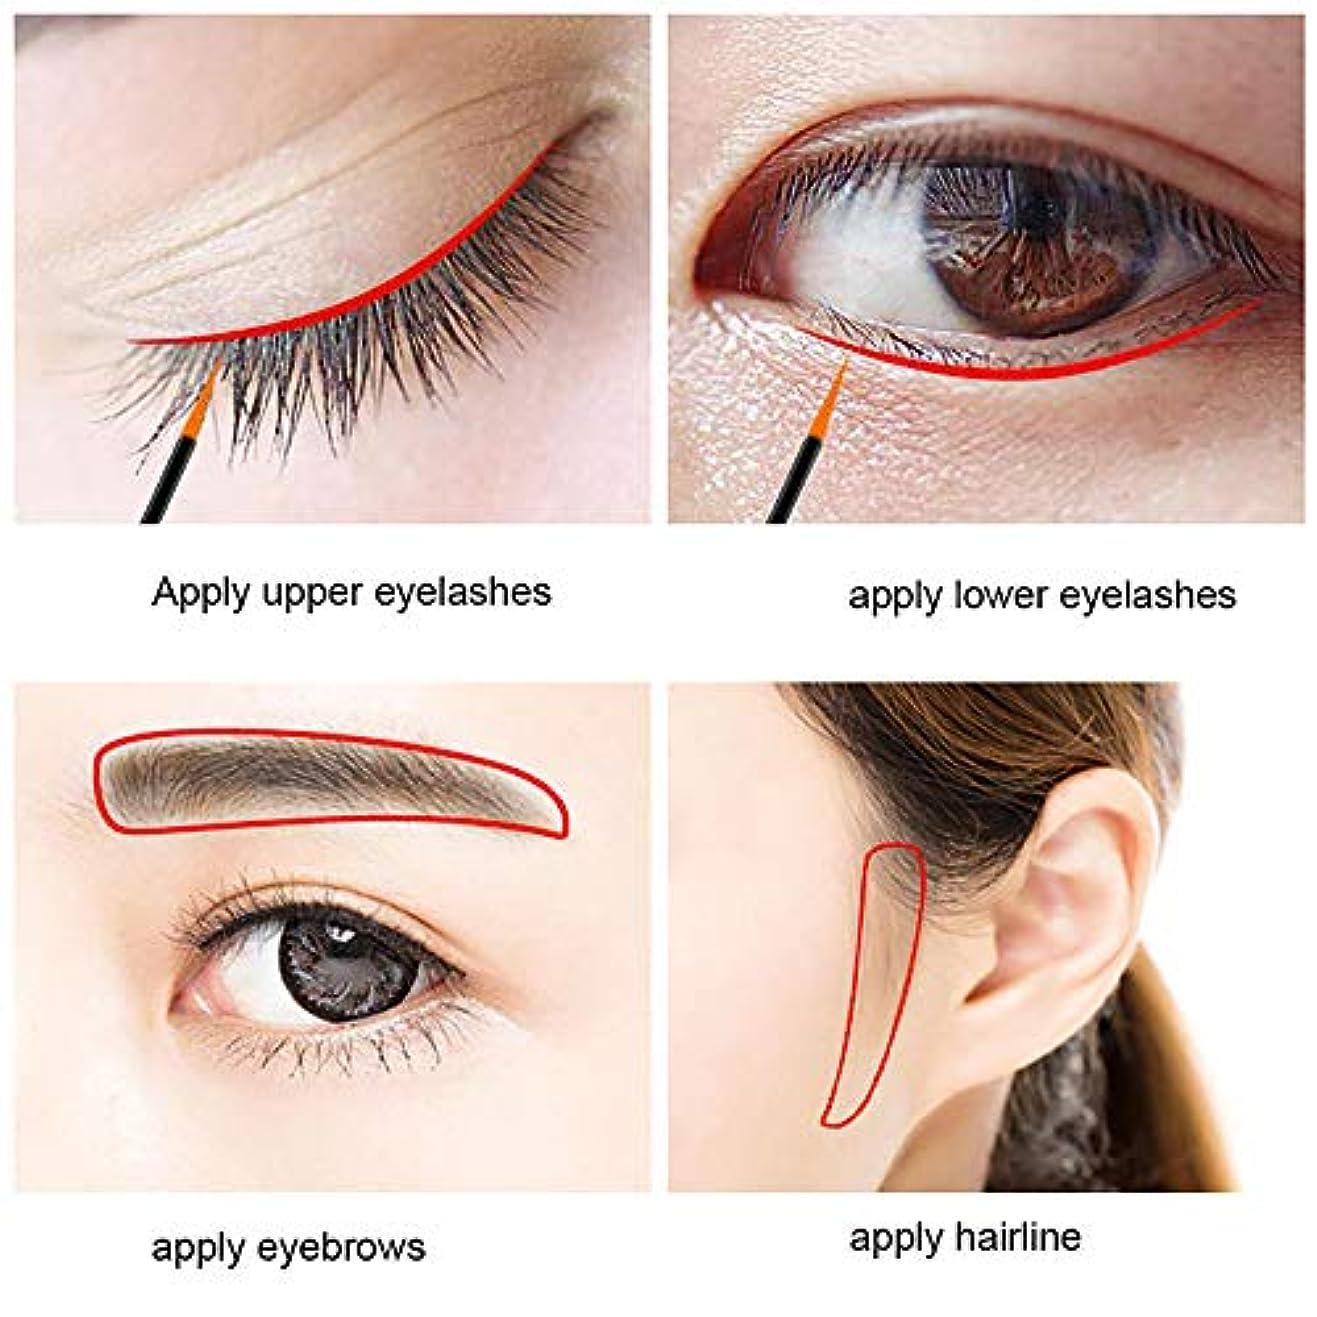 大理石偏心労働眉毛まつげ速い急速な成長の液体エンハンサー栄養液栄養